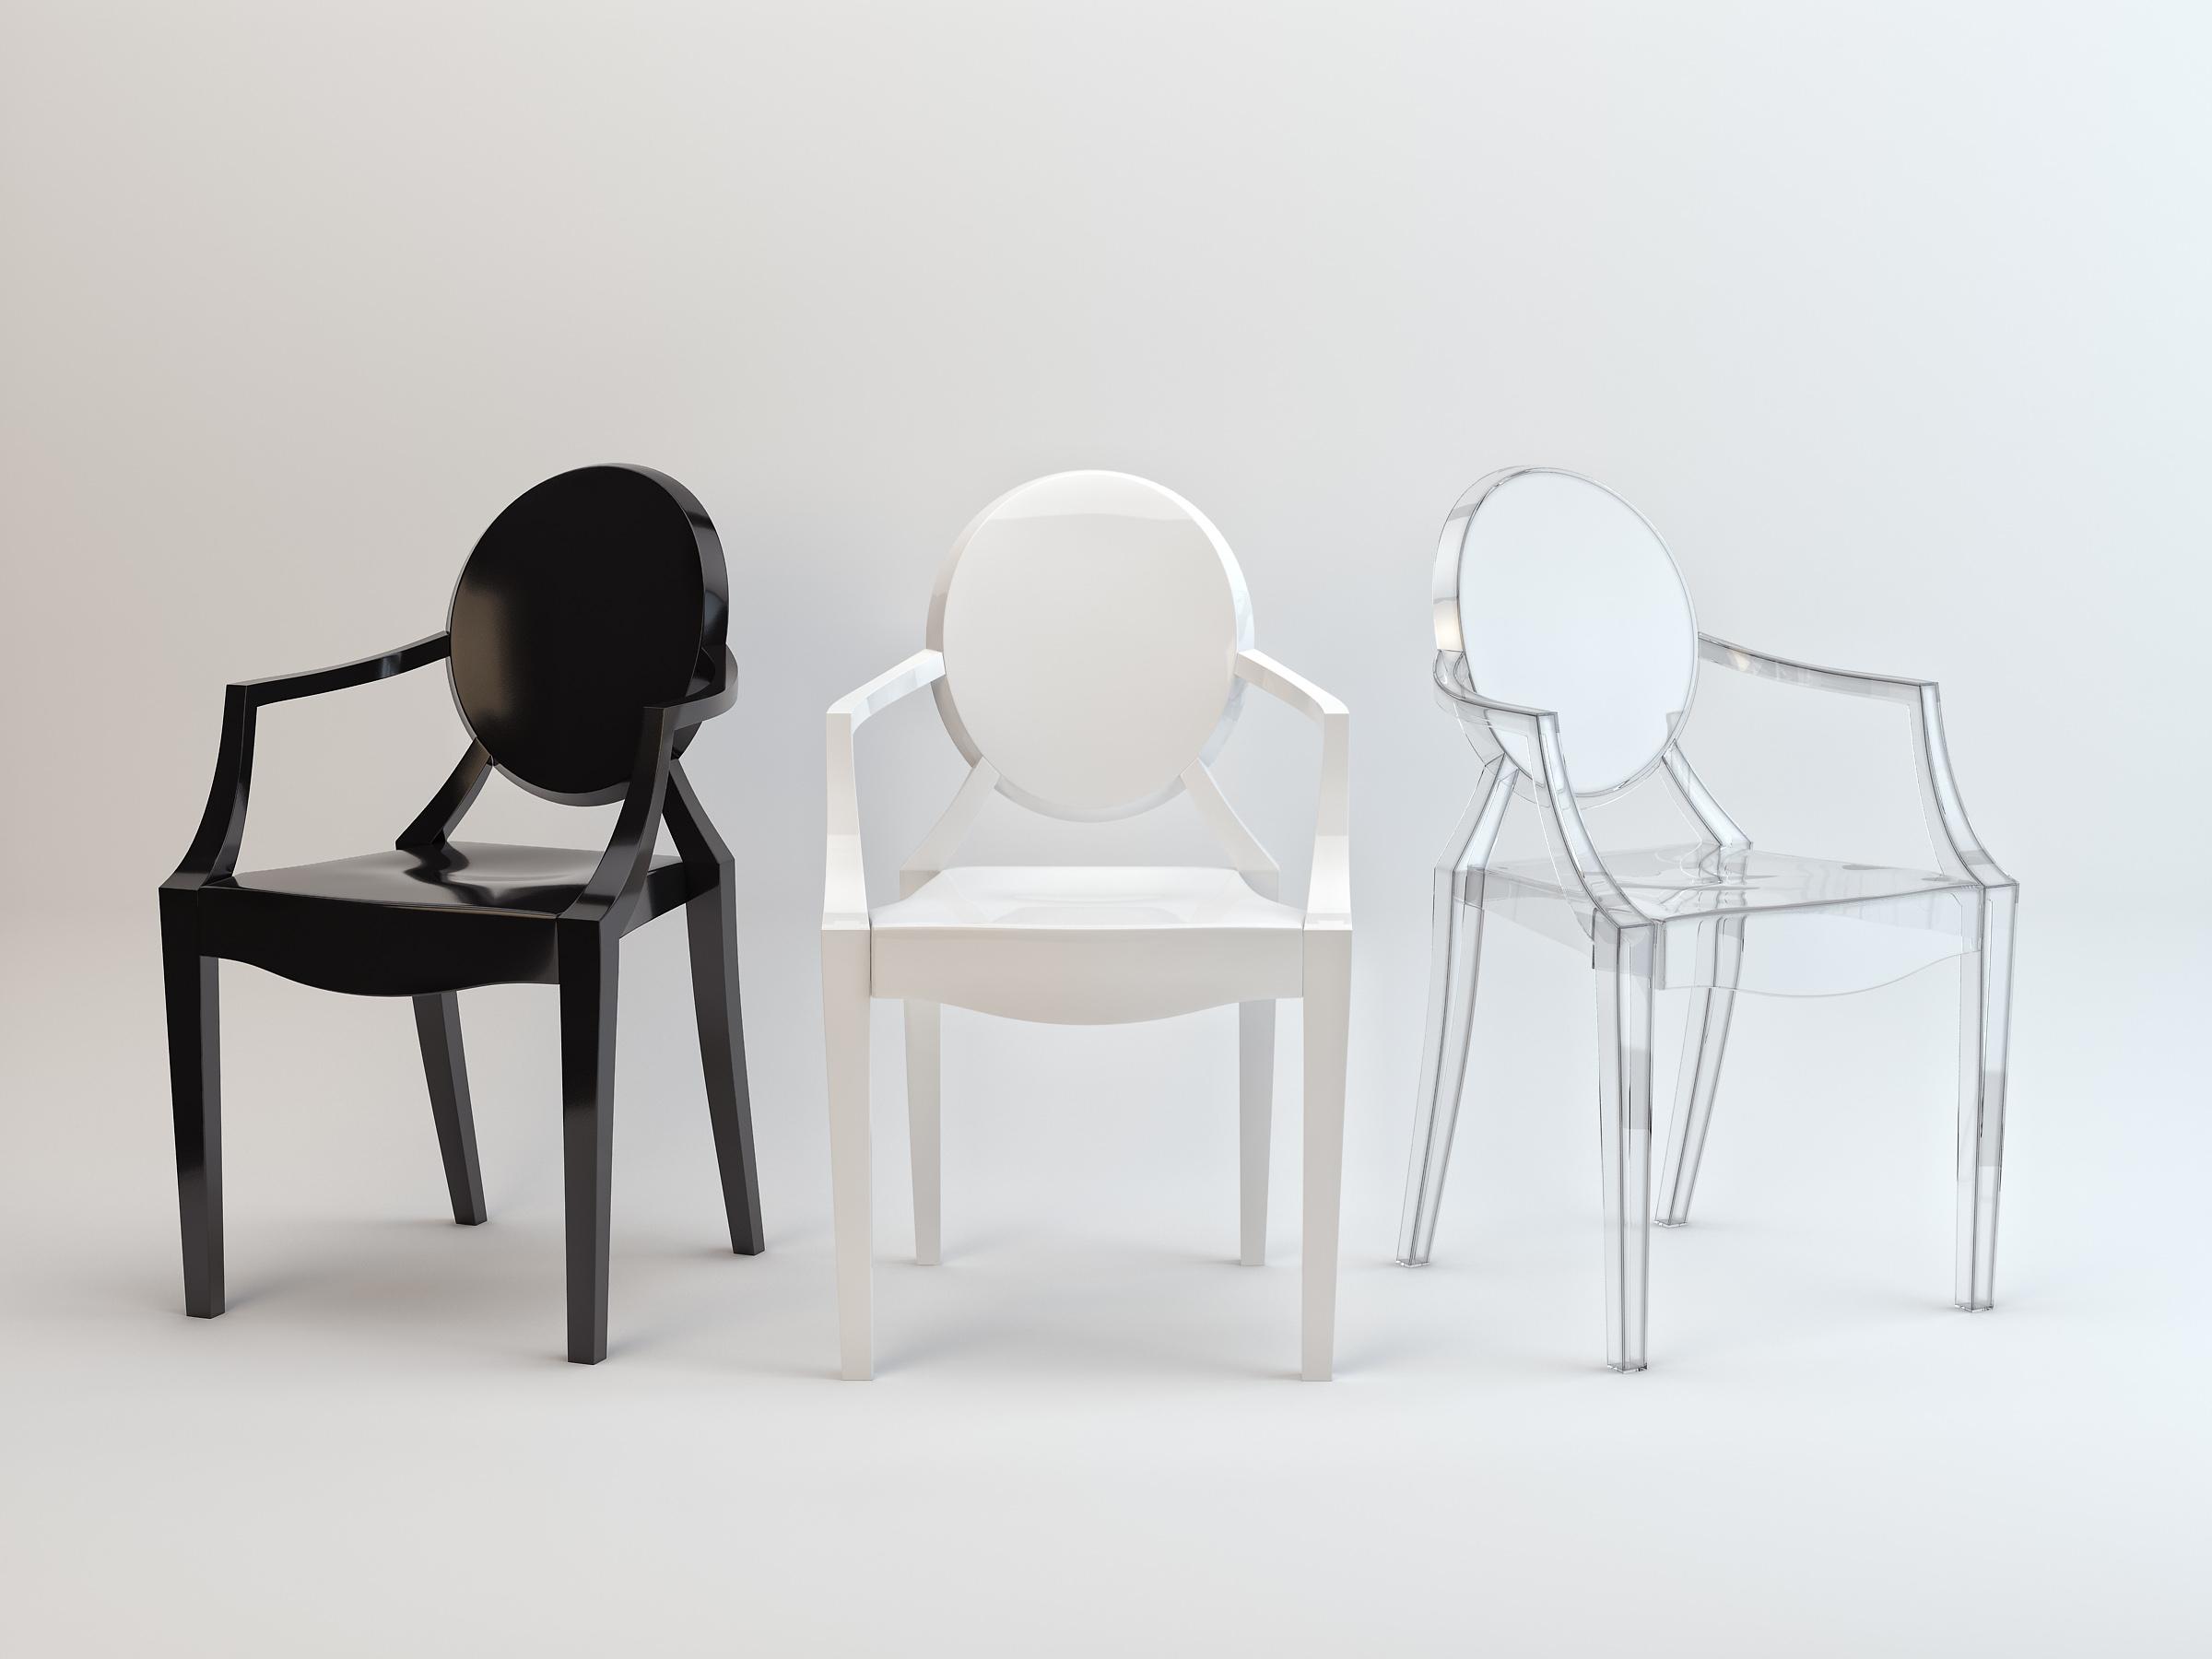 caratteristiche policarbonato pc il policarbonato un particolare tipo di poliestere non. Black Bedroom Furniture Sets. Home Design Ideas